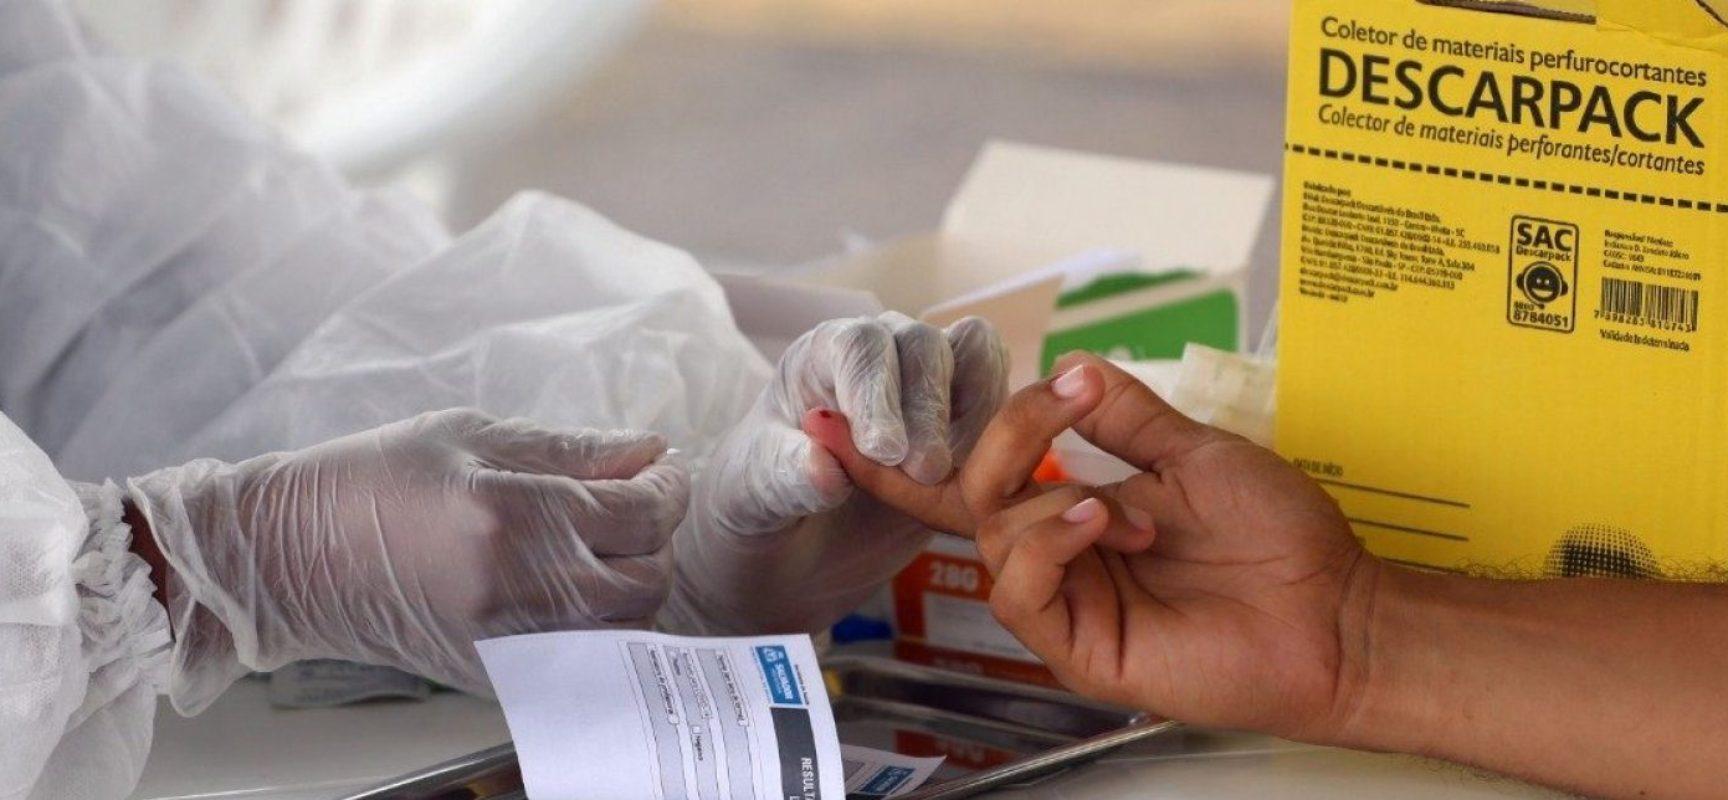 Bahia registra 90 mortes por covid-19 e 3.133 novos casos da doença em 24h